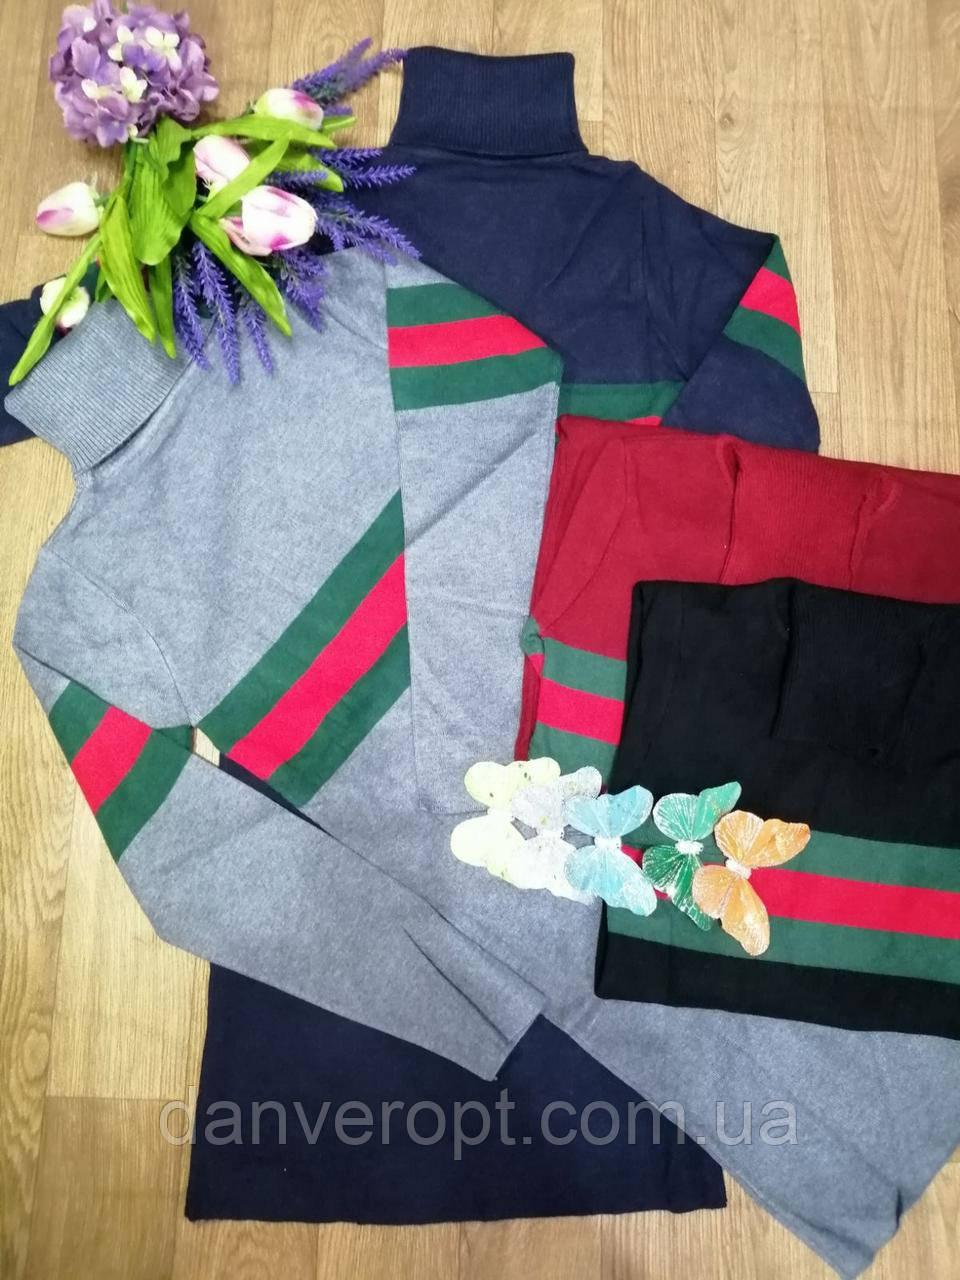 Платье женское модное стильная полоска размер универсальный 42-46 купить оптом со склада 7км Одесса